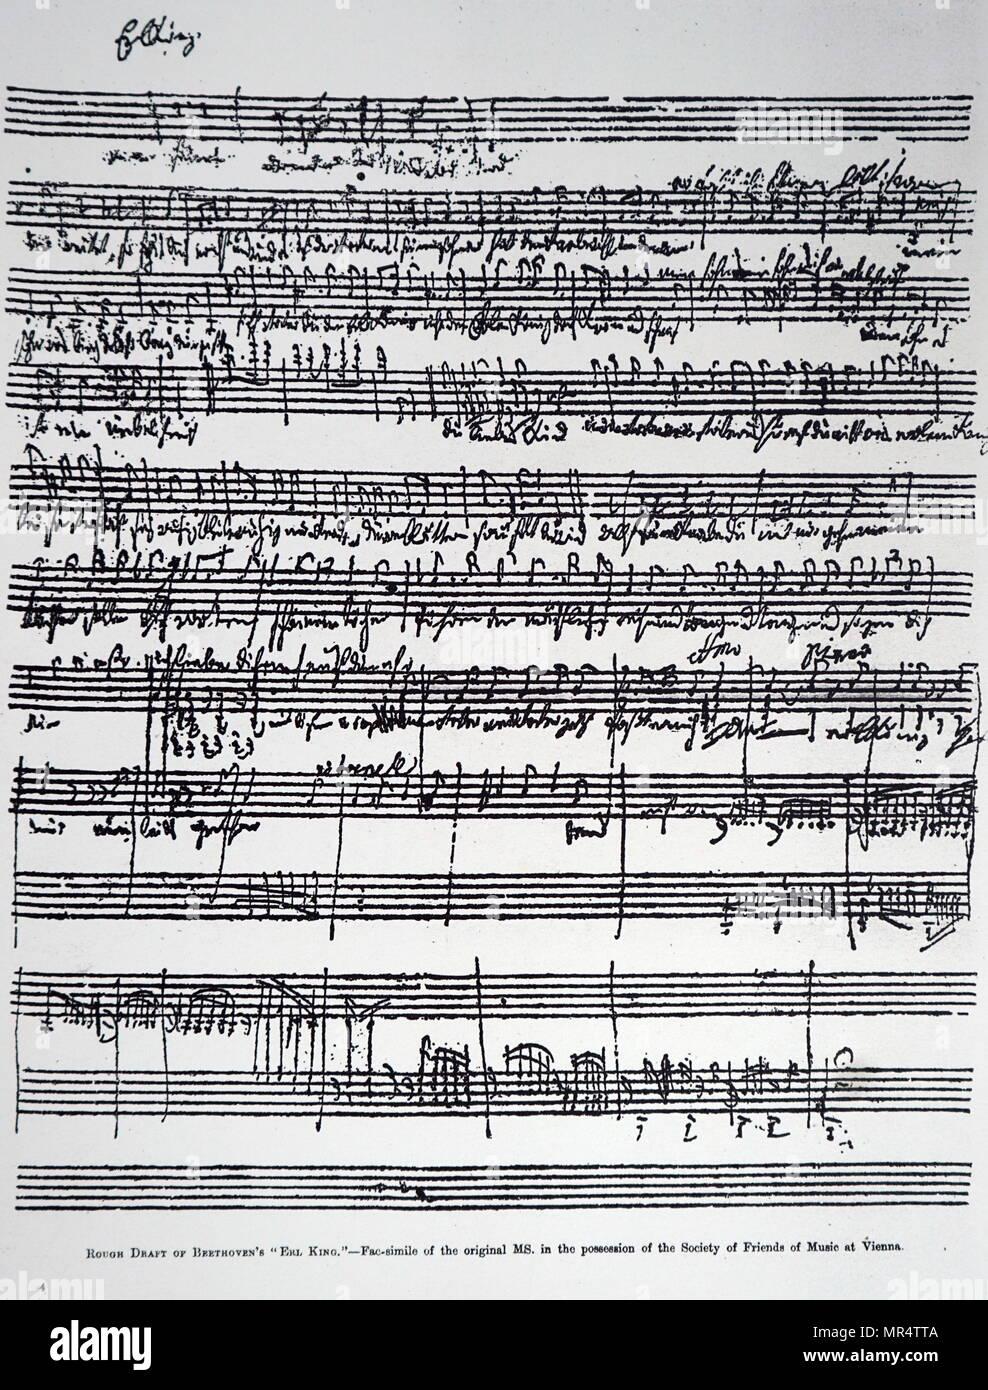 Projet de 'Beethoven' Erlkönig. Ludwig van Beethoven (1770-1827), un compositeur et pianiste allemand. En date du 19e siècle Photo Stock